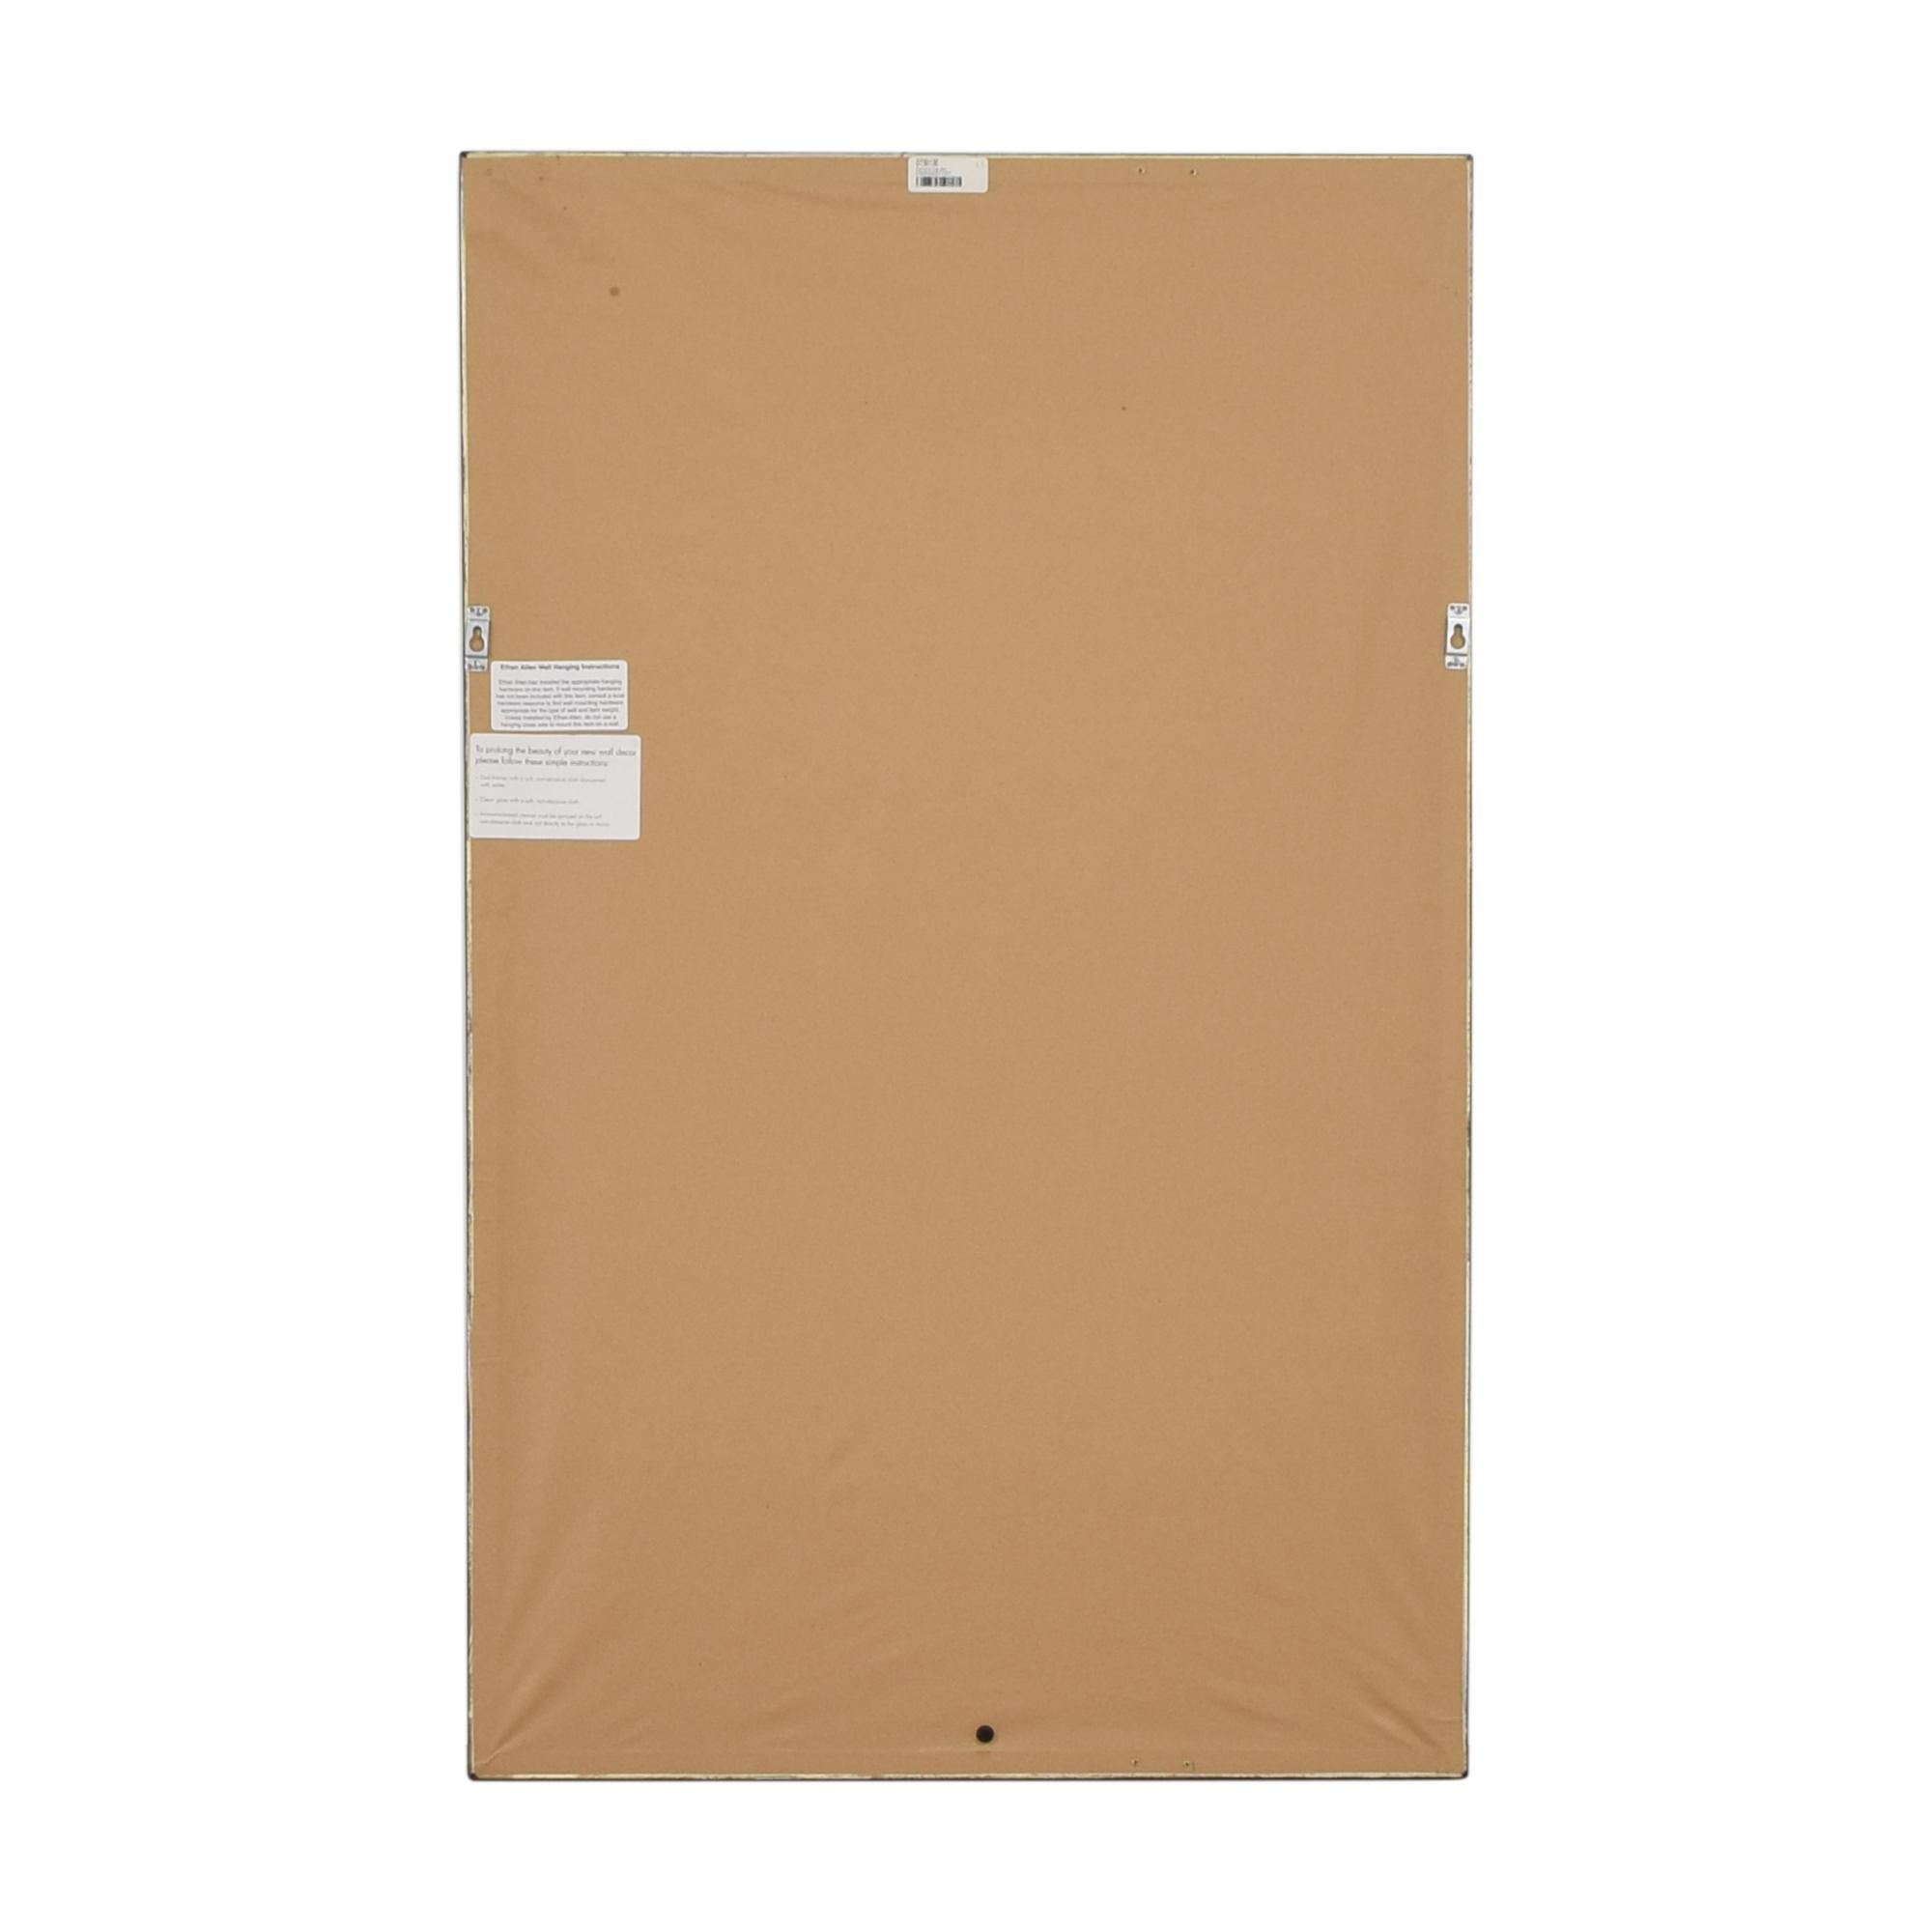 Ethan Allen Ethan Allen Mustard Paper Art dimensions